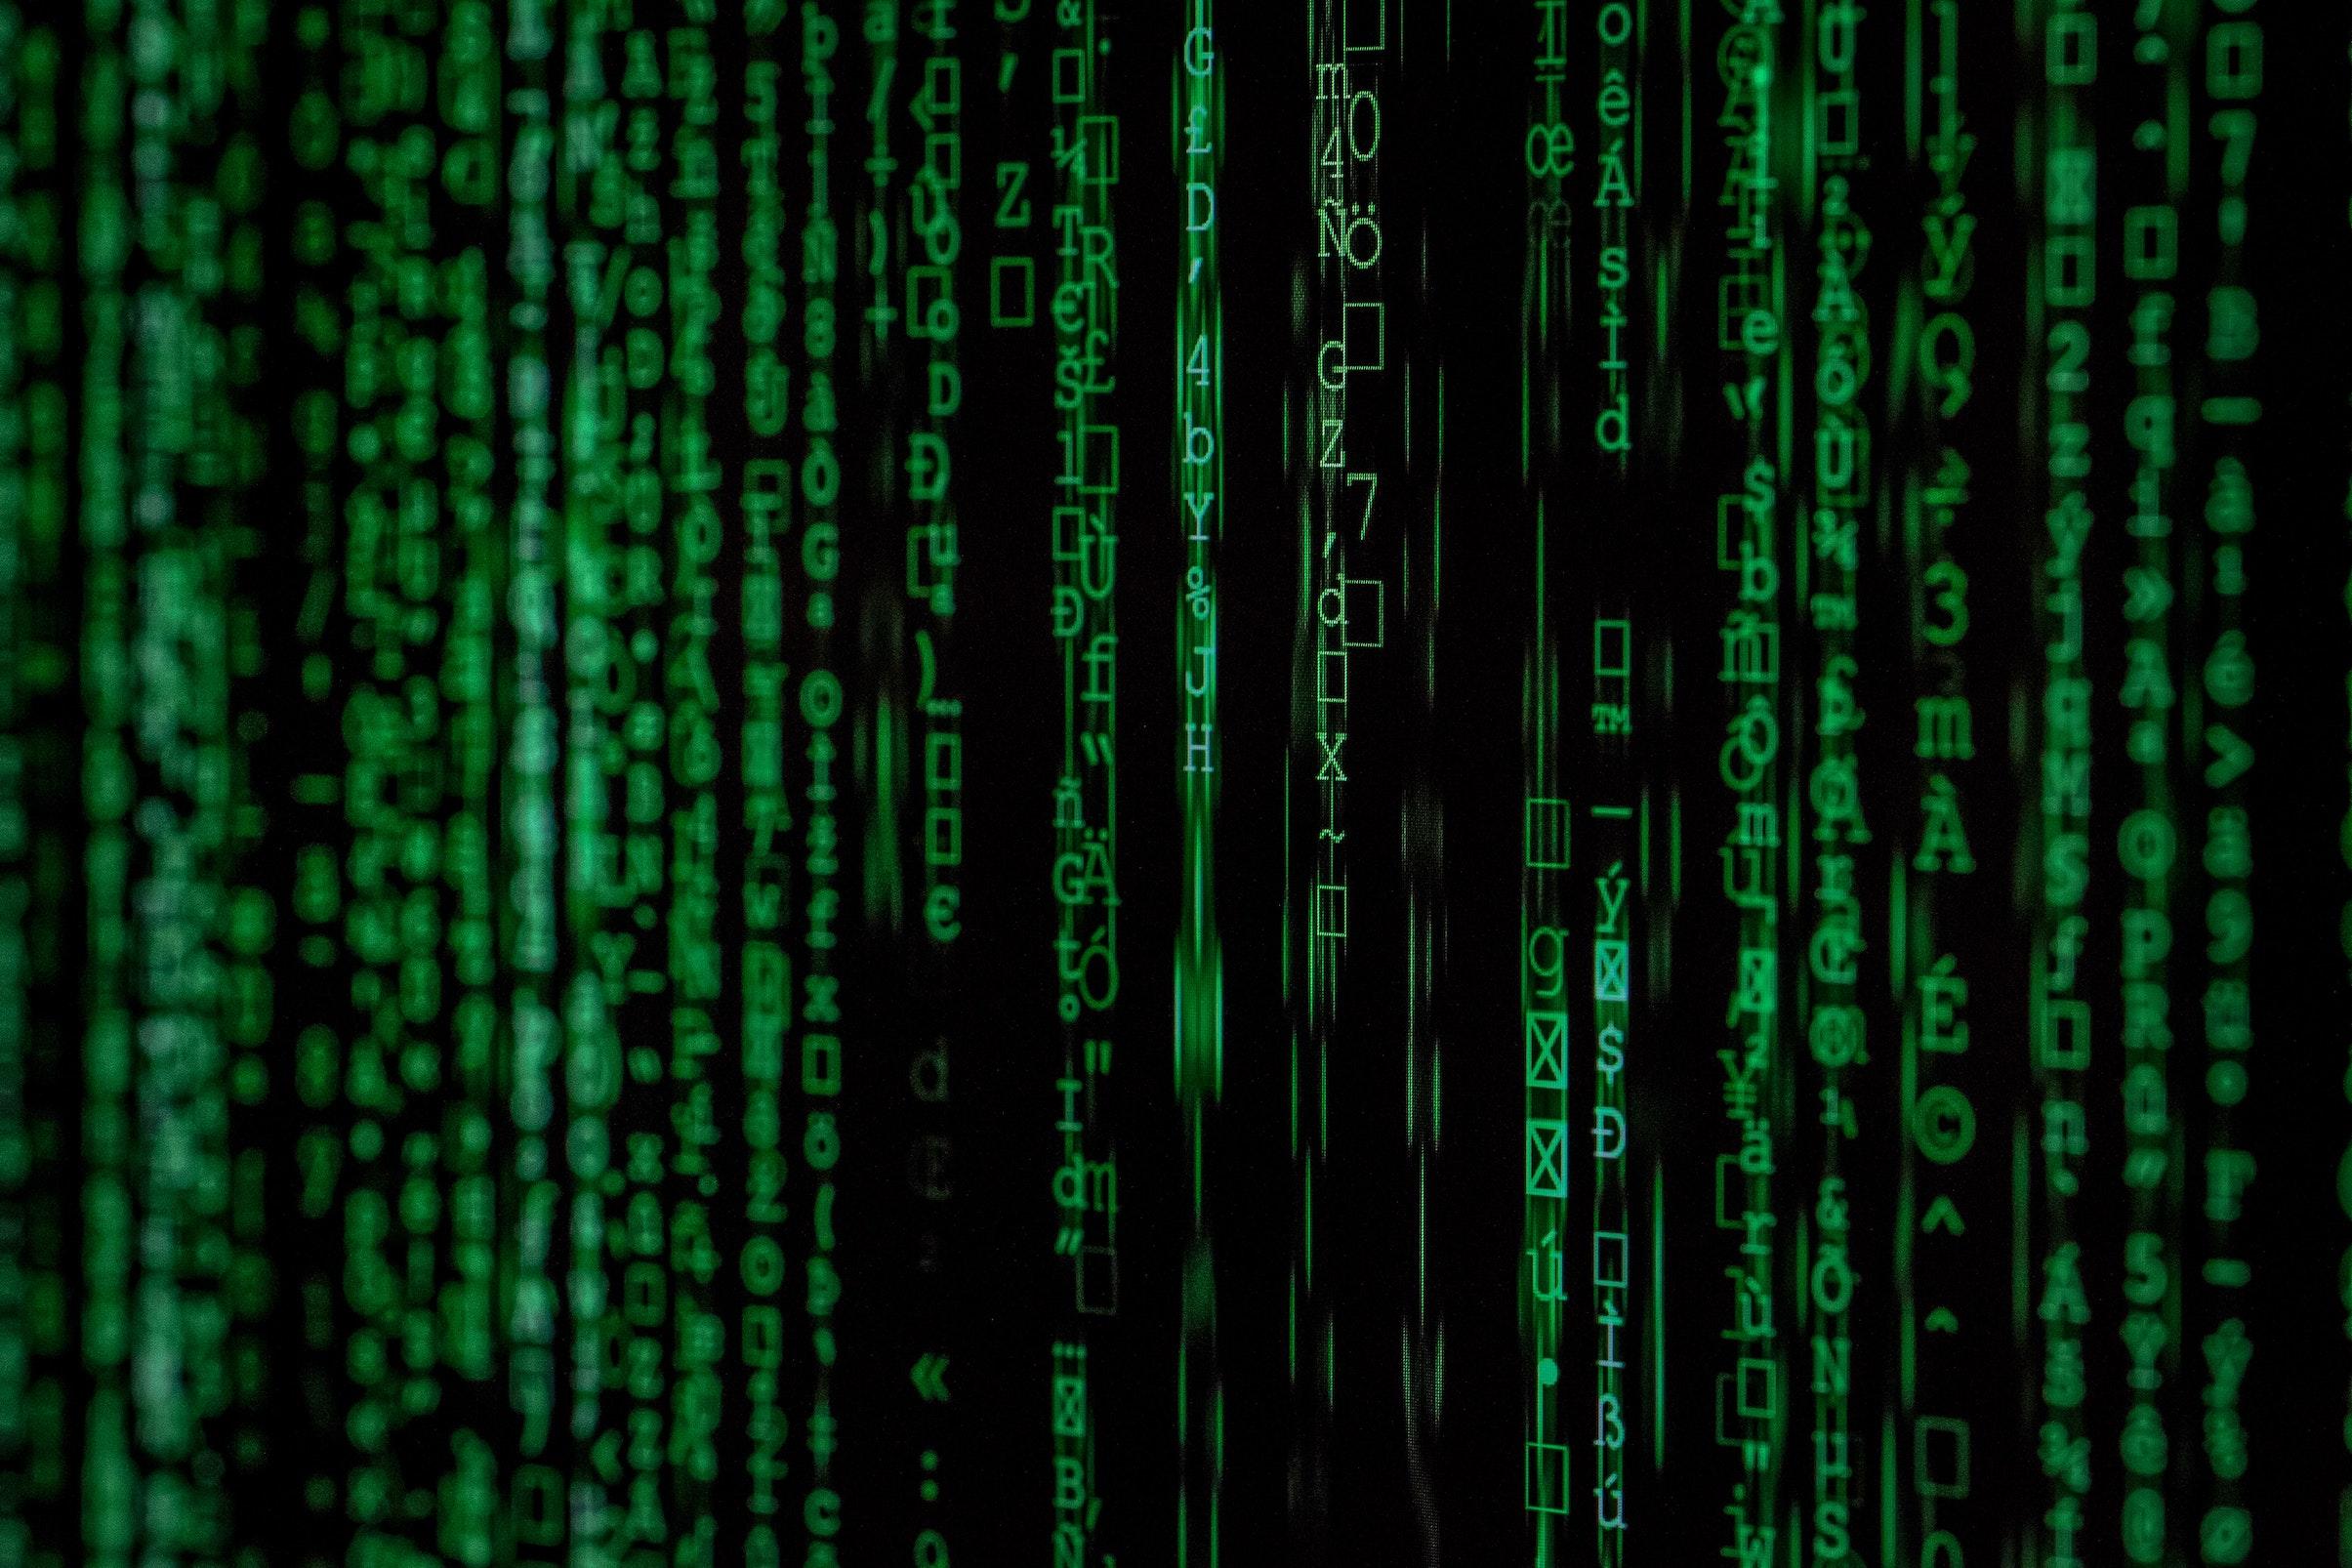 En global undersökning visar på en ökad implementeringstakt av digital teknologi under 2021